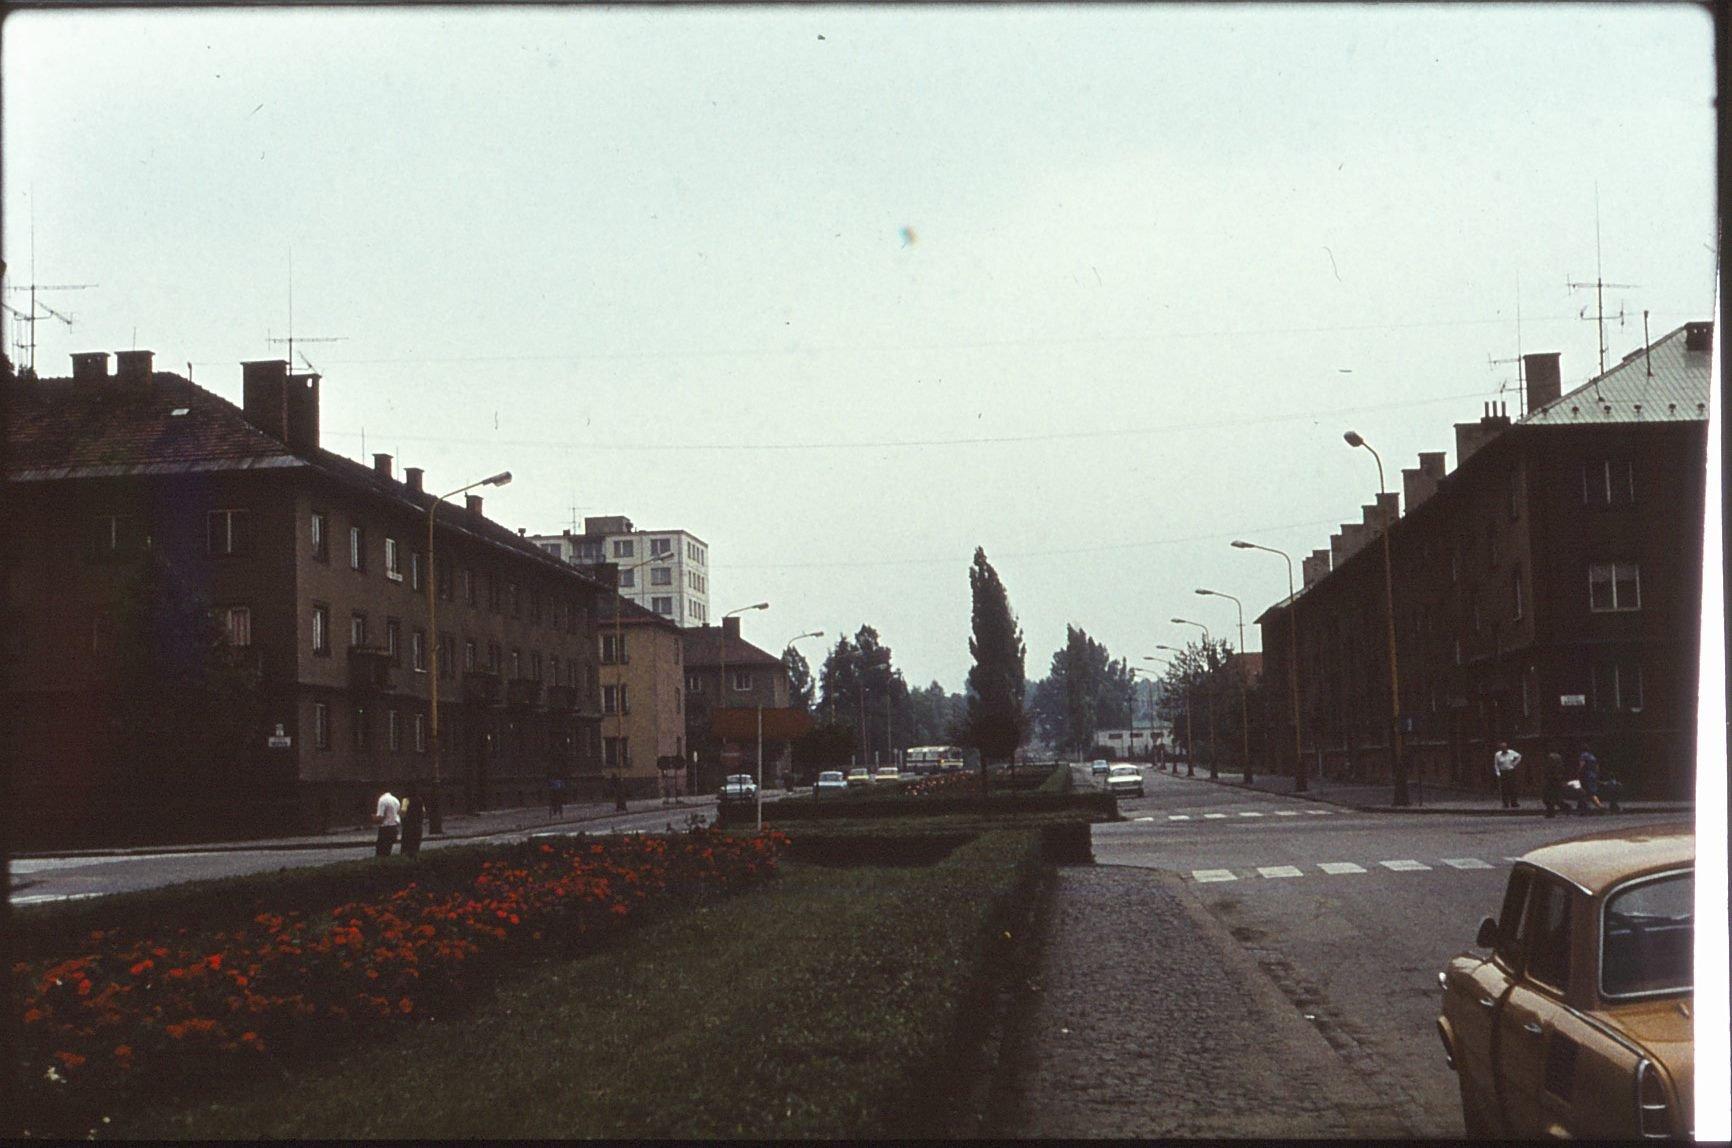 Ulica Červenej armády, 1982